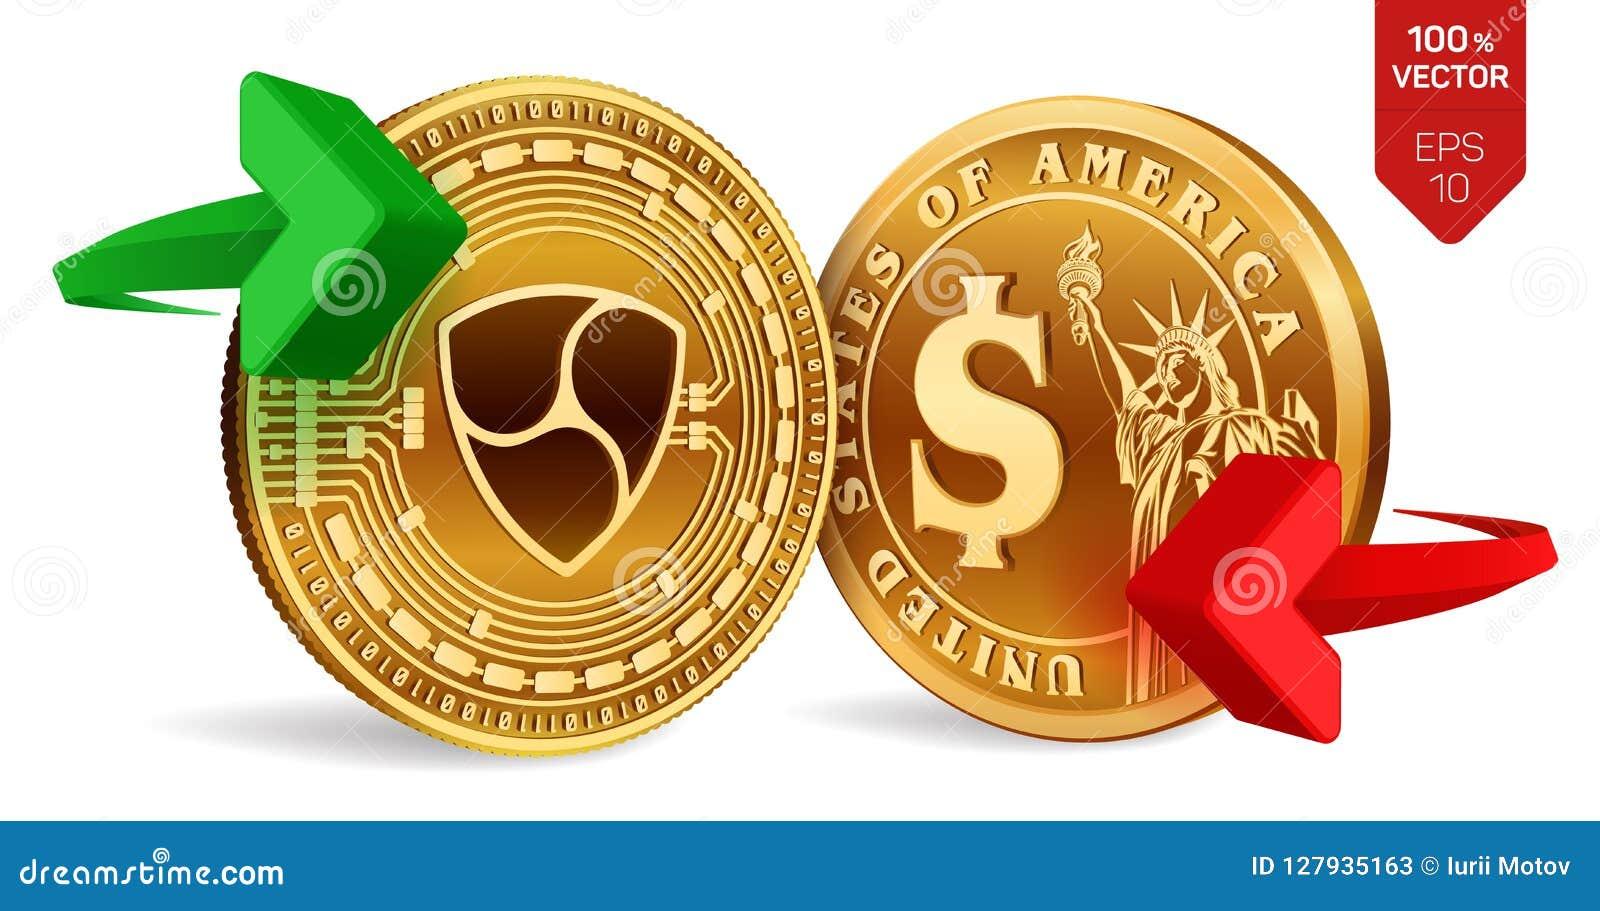 bitcoin stock ticker szimbólum illeszkedik a btc-be